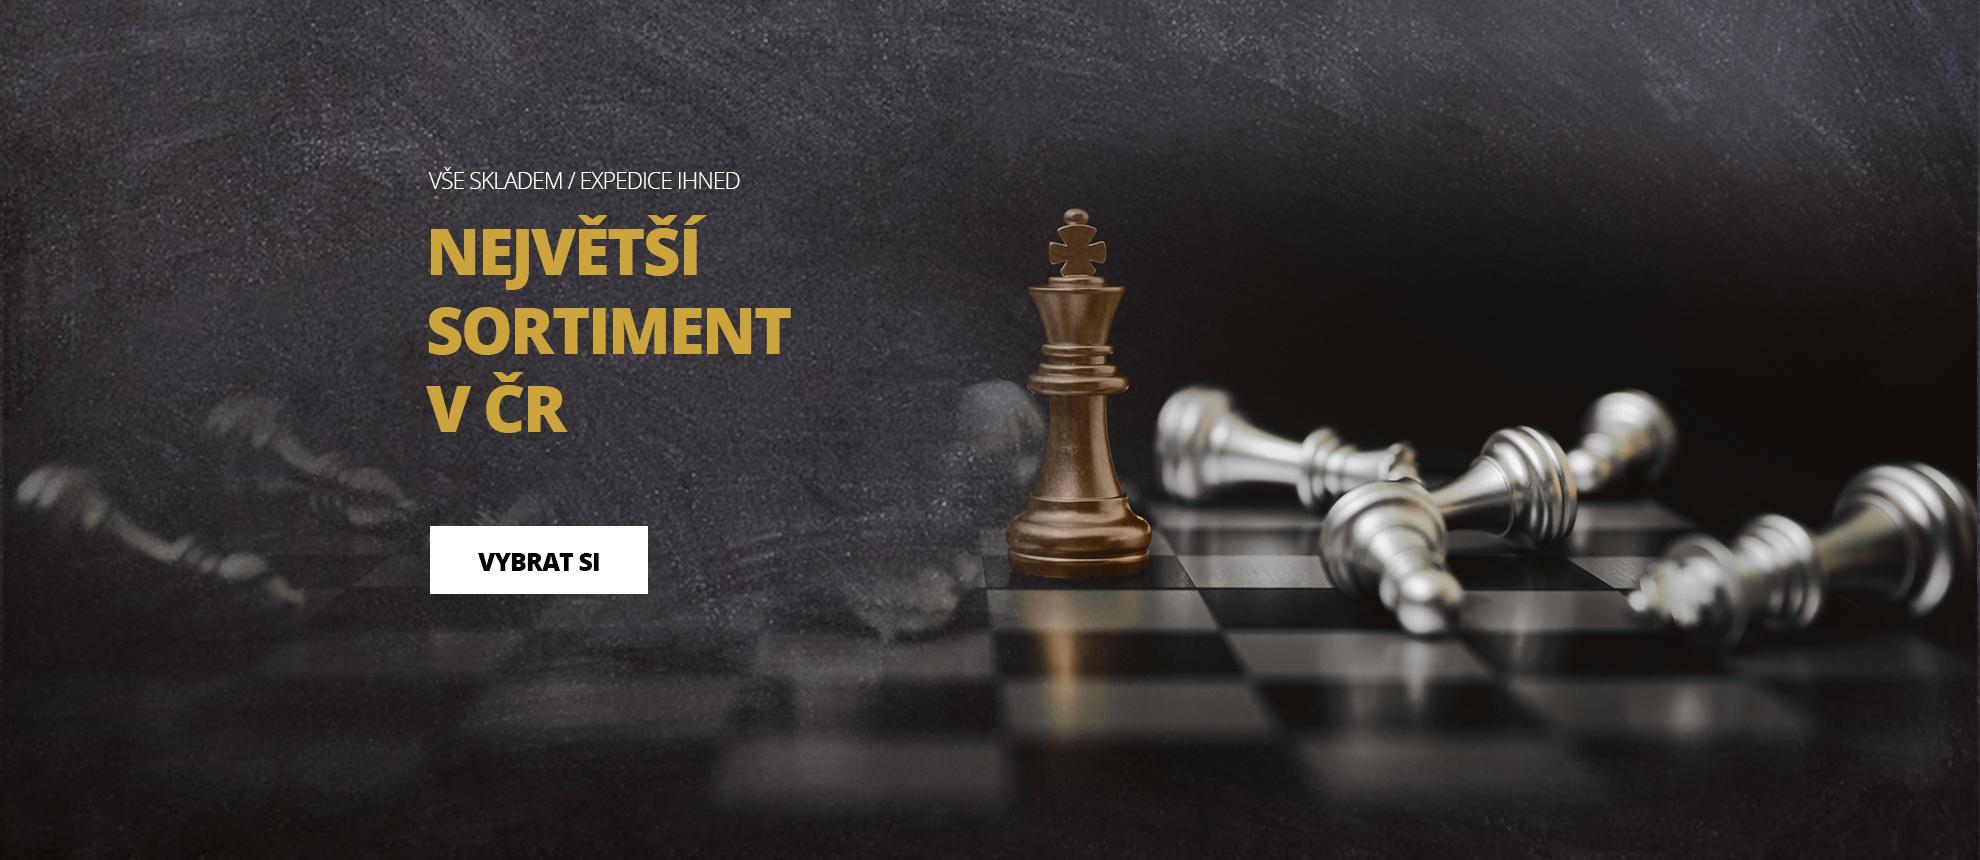 Nové šachové soupravy